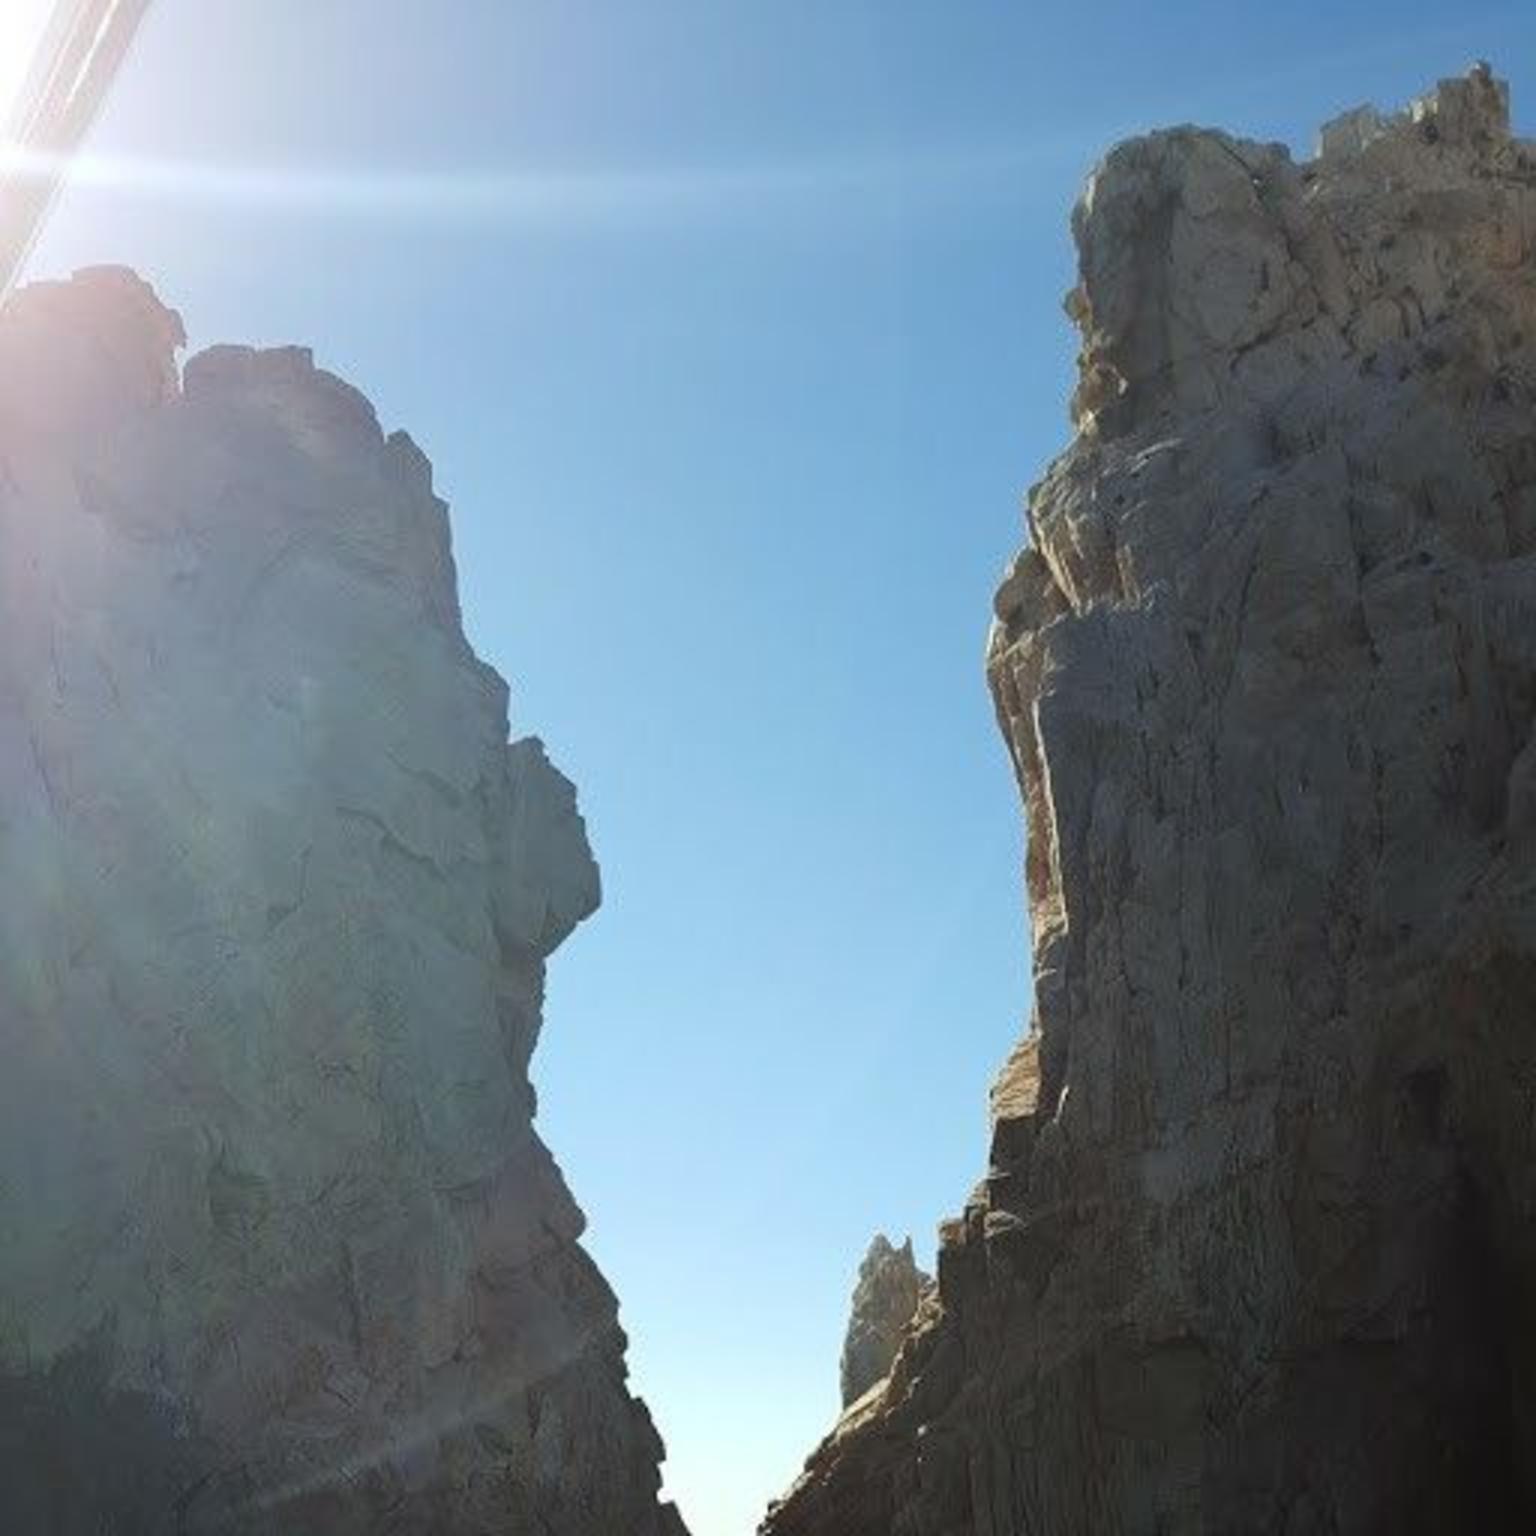 MÁS FOTOS, Excursión combinada a Los Cabos: Paseo en barco con fondo de cristal, y recorrido turístico por la ciudad y por las tiendas con almuerzo opcional